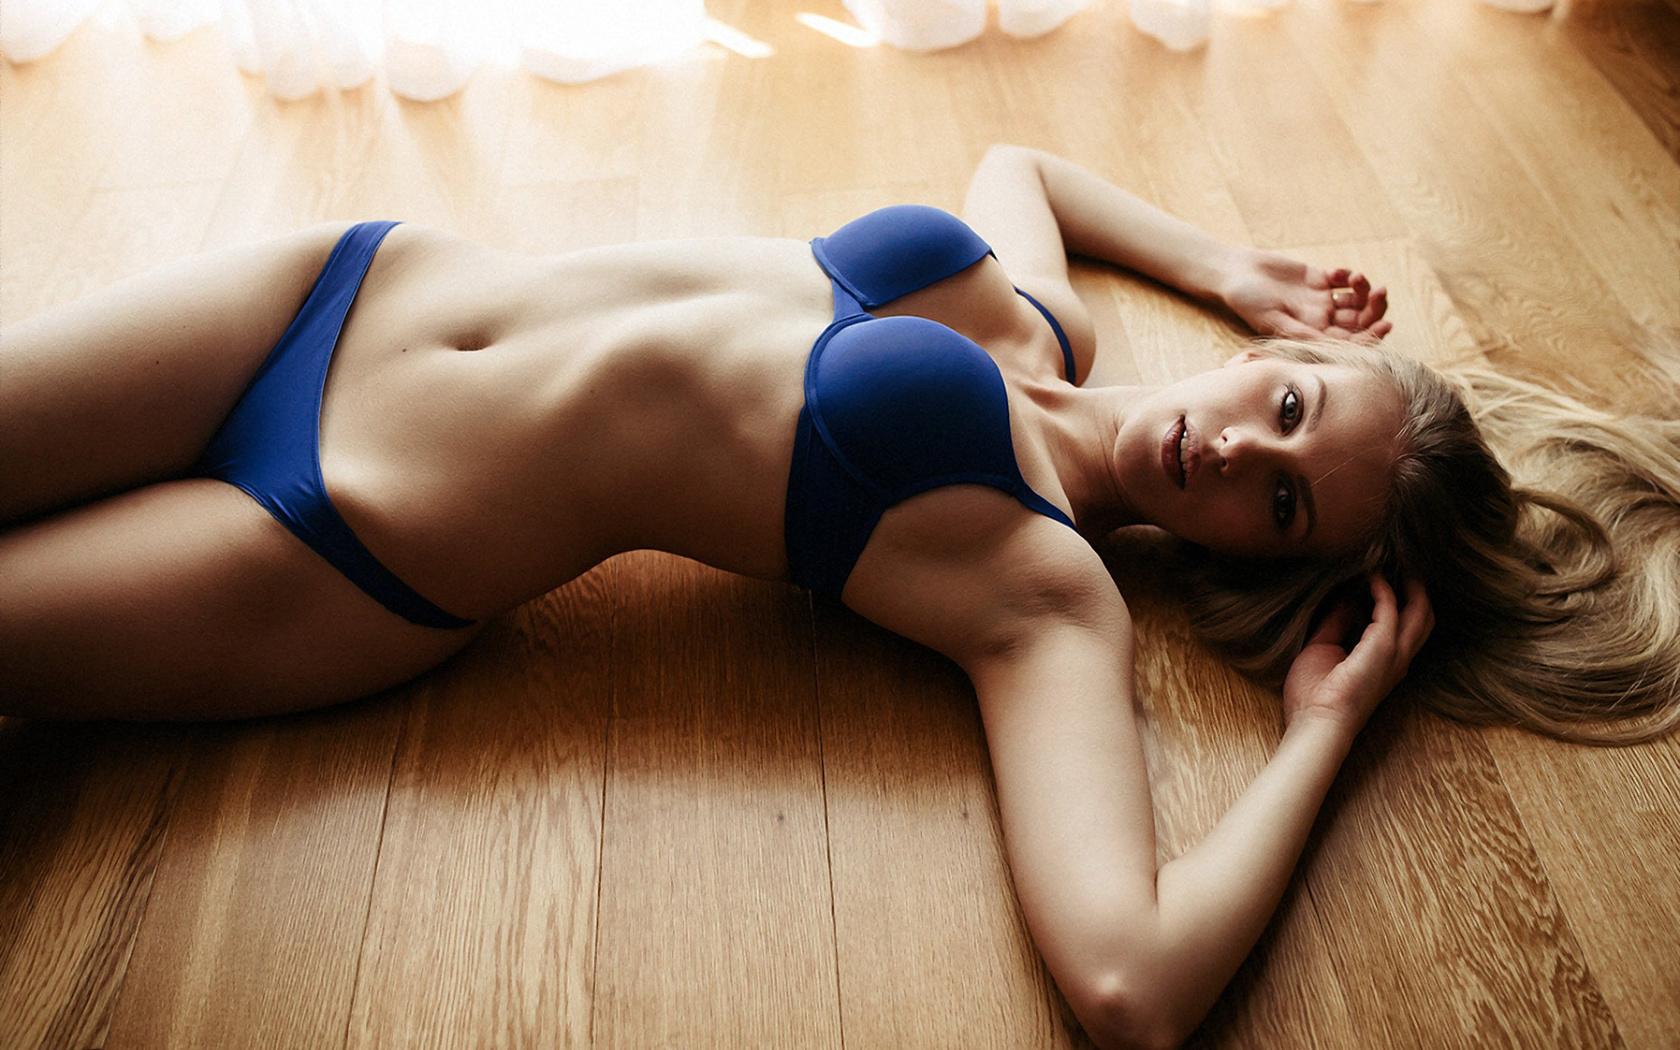 Смотрим голые девочки крупно, Одноклассники 25 фотография